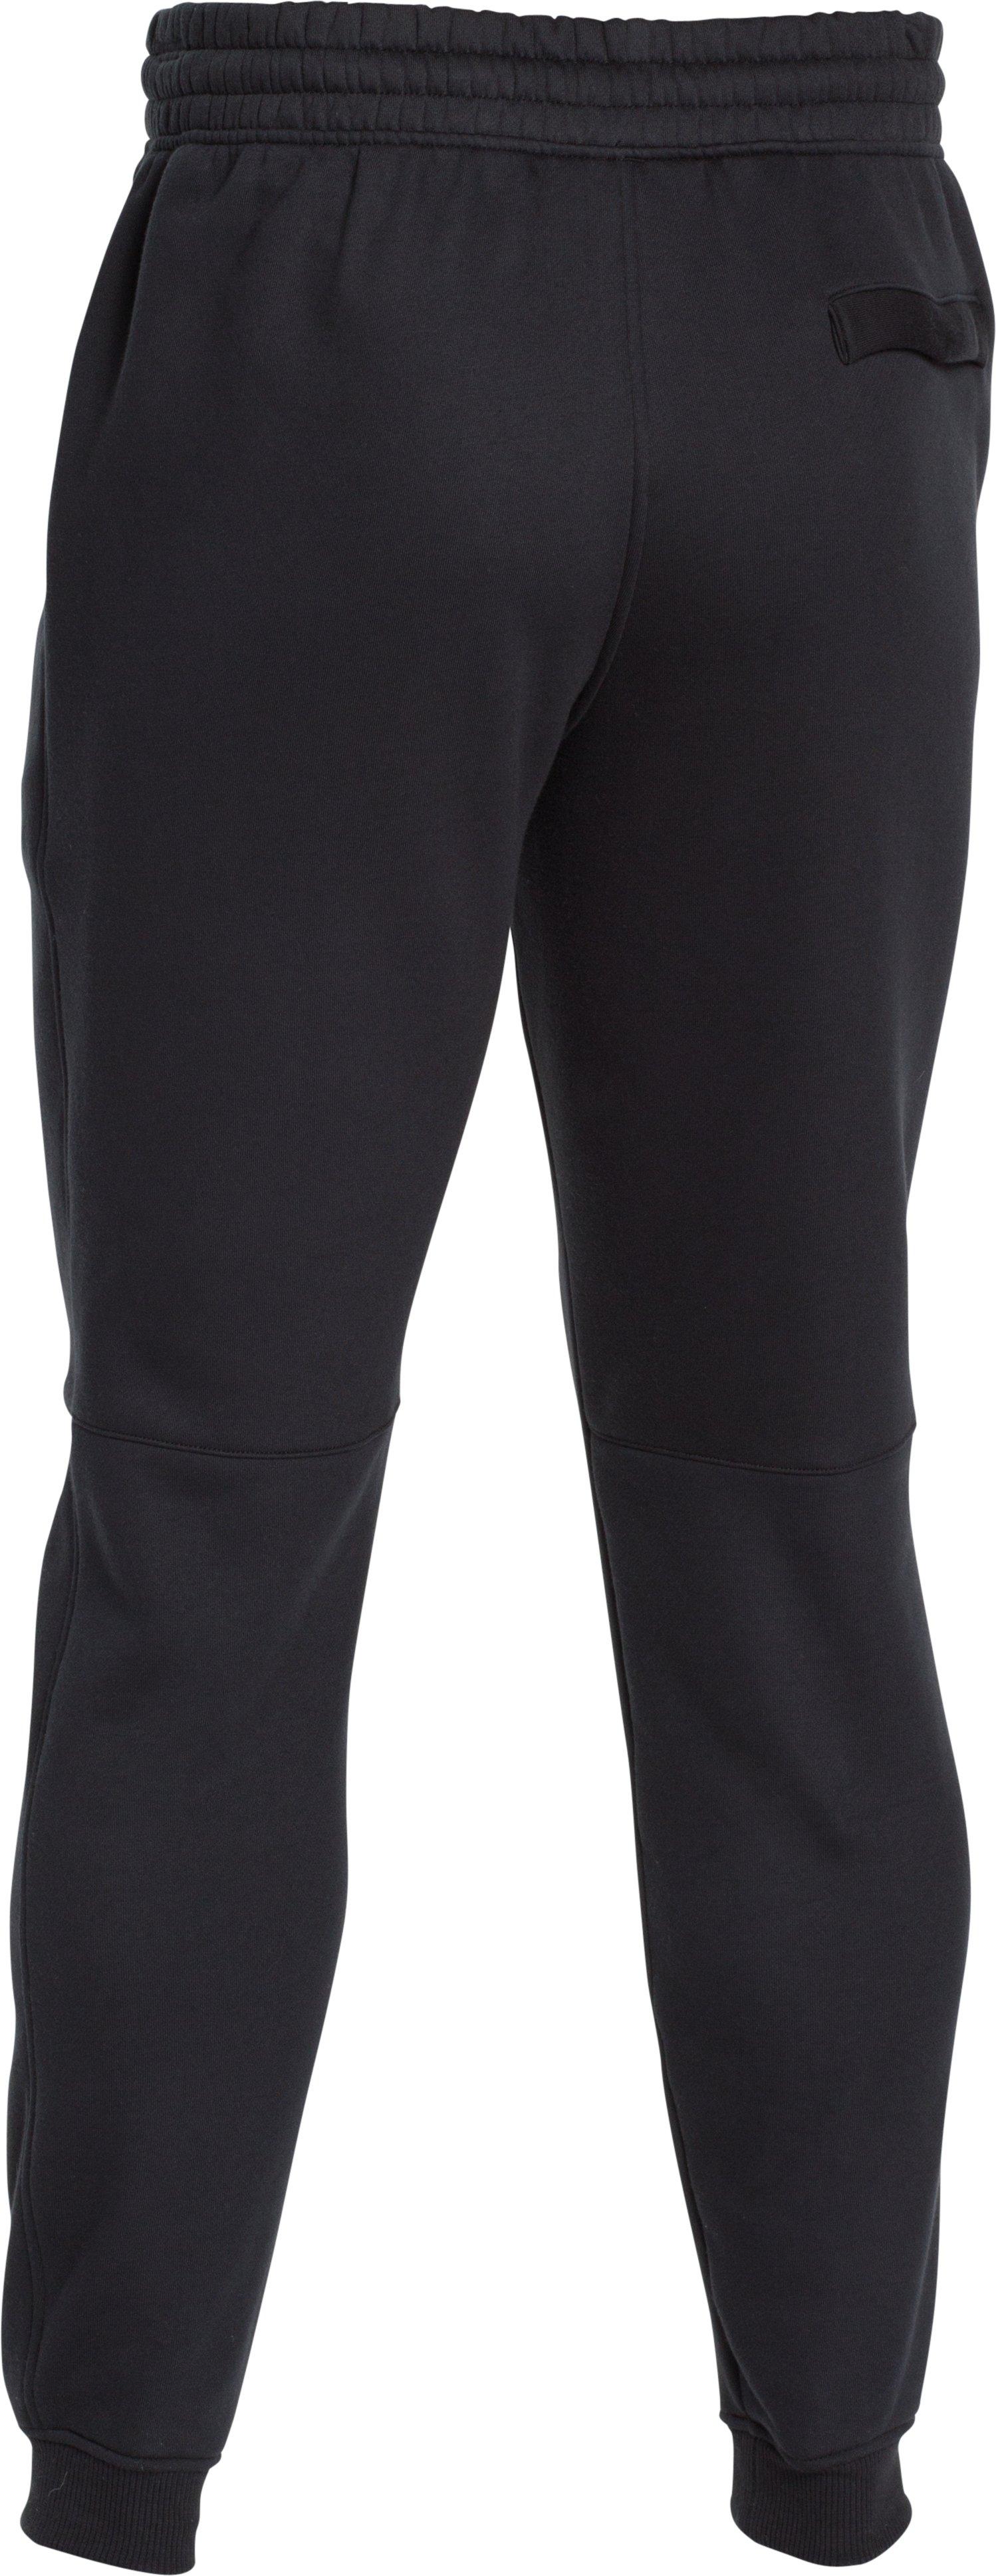 UA Rival – Pantalon de jogging en polaire pour homme, Noir